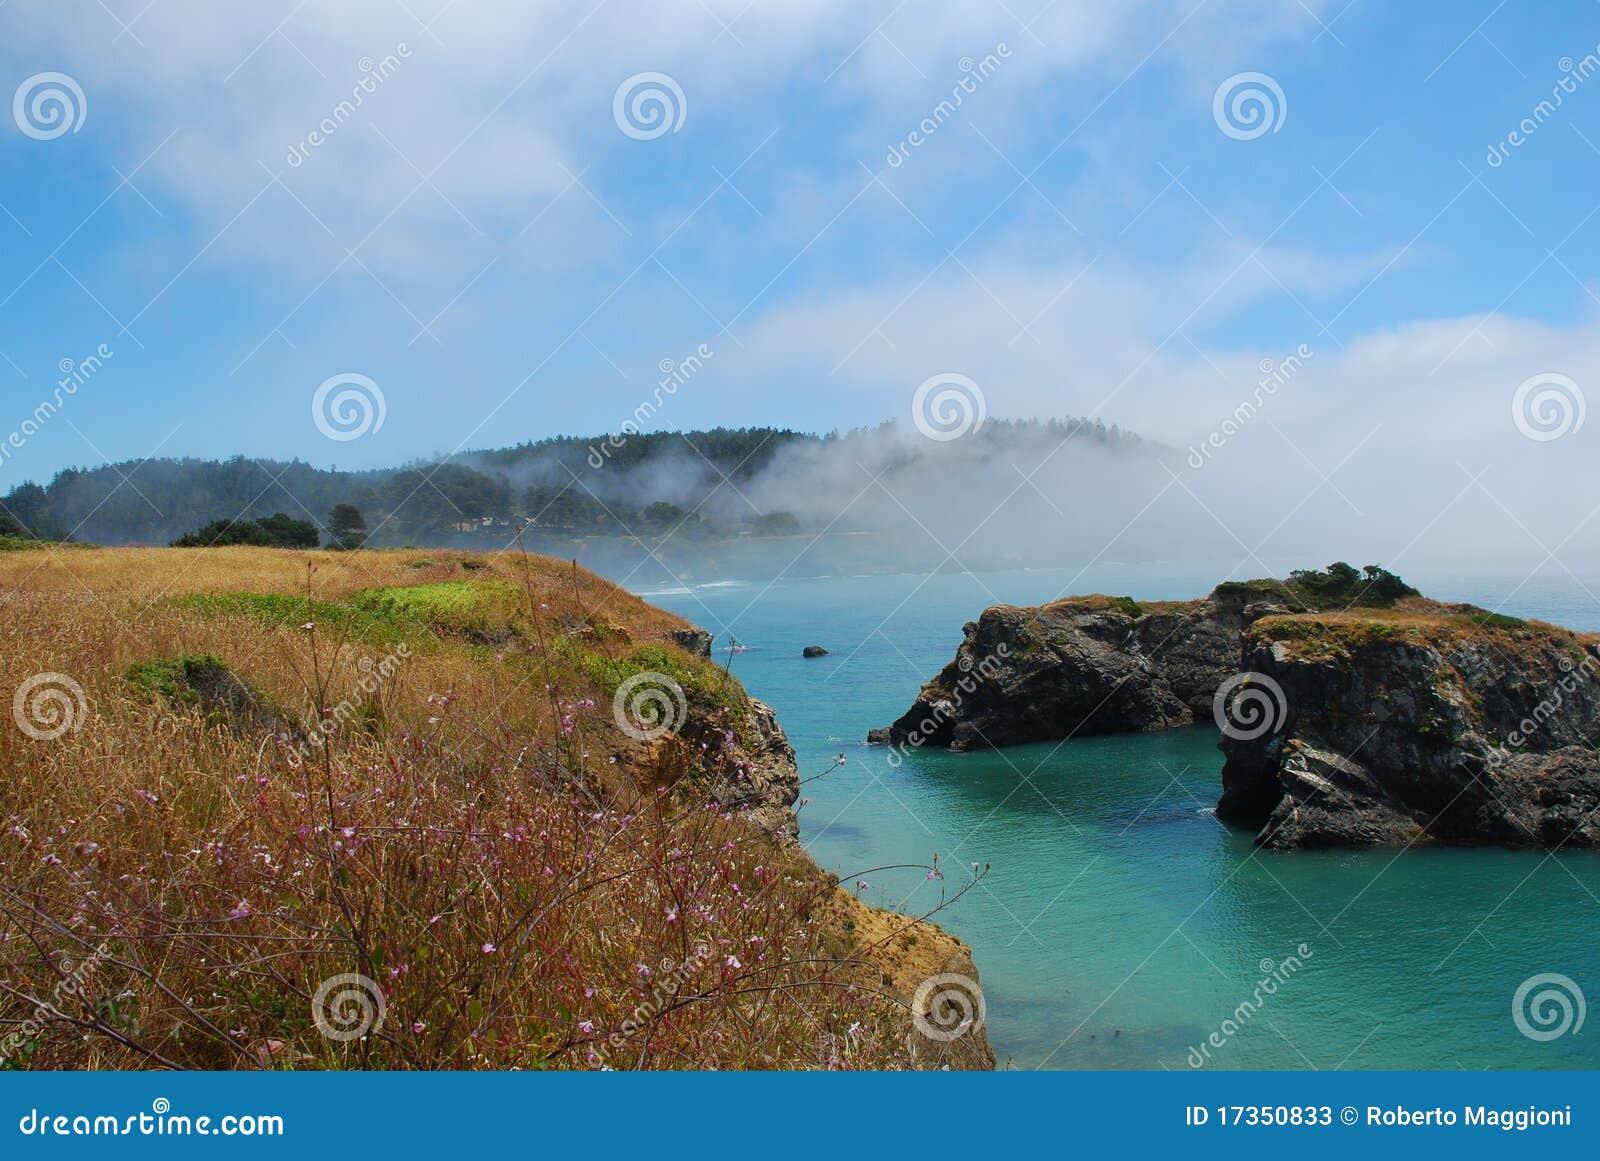 Mendocino california